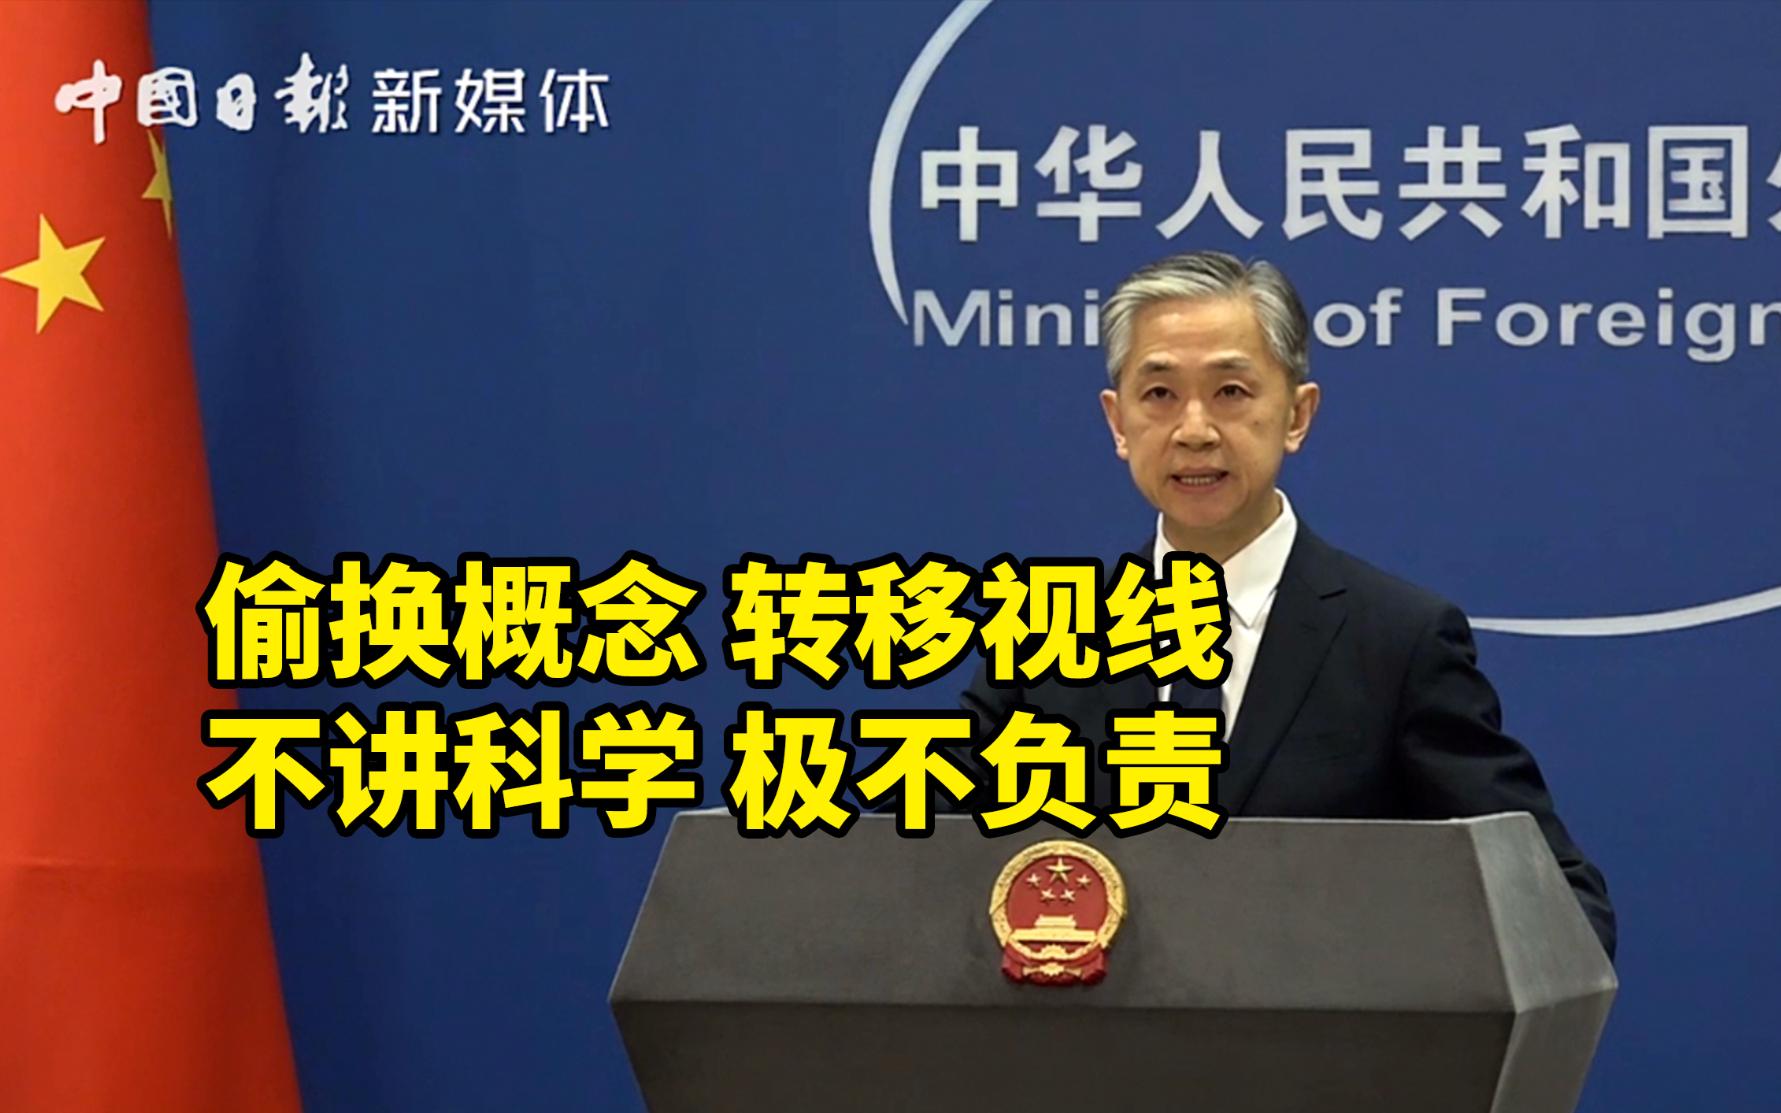 外交部:日本方面偷换概念 转移视线 不讲科学 极不负责